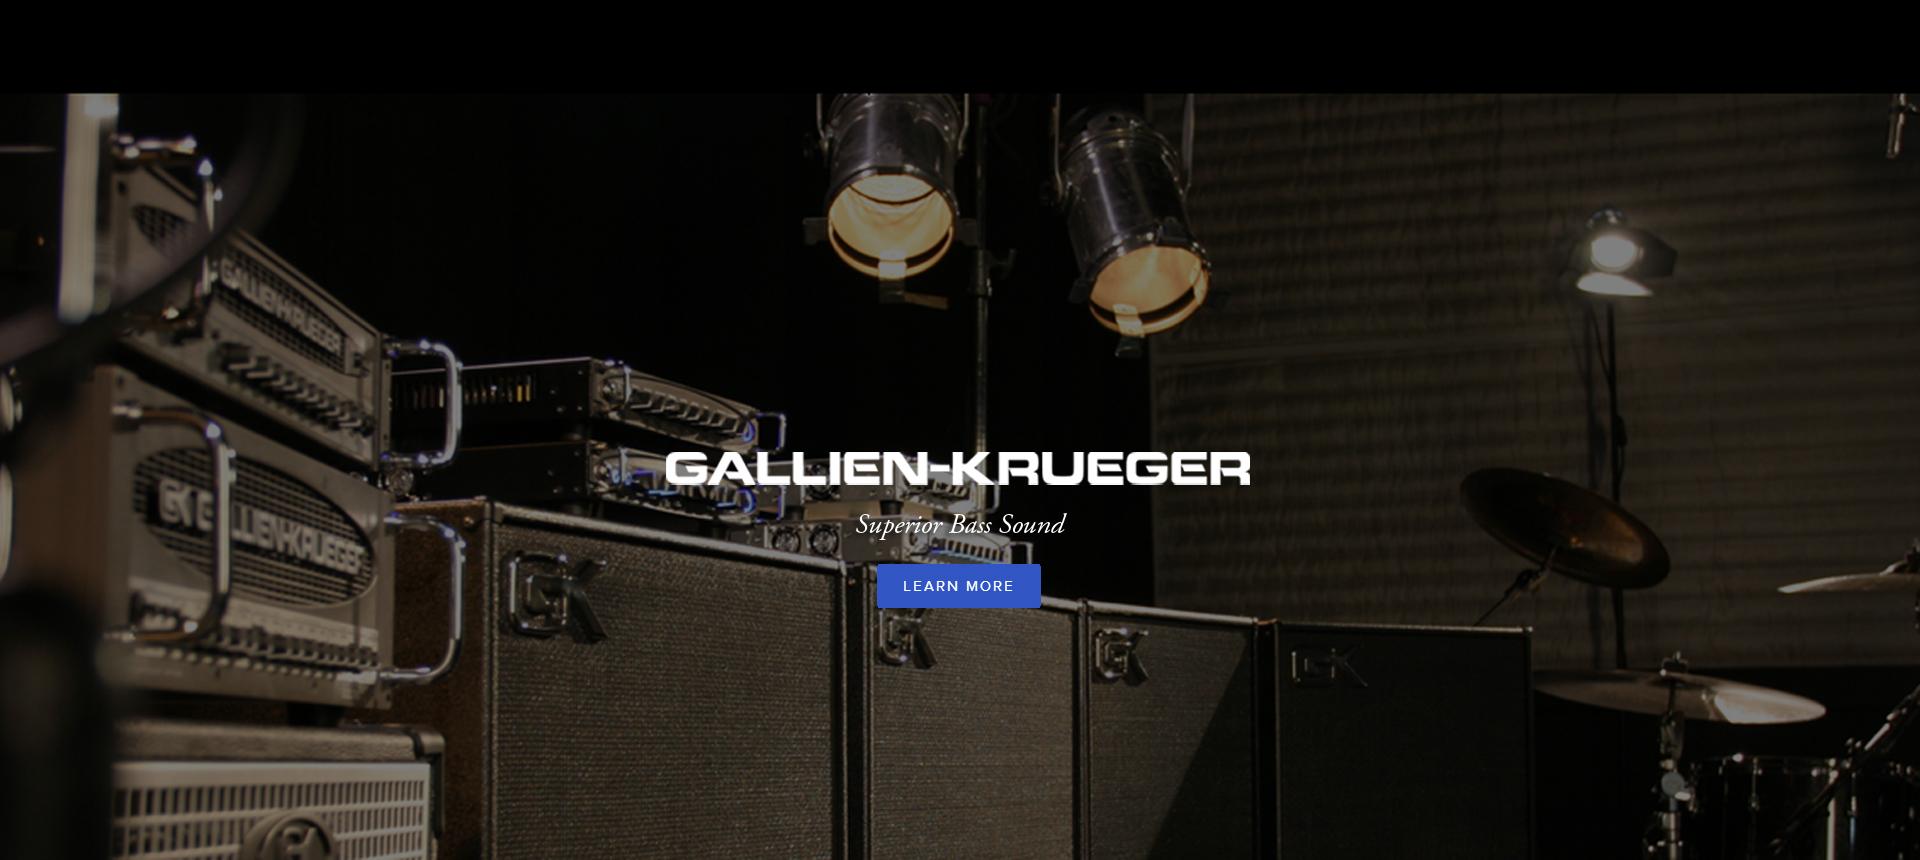 GK-banner-slide.JPG